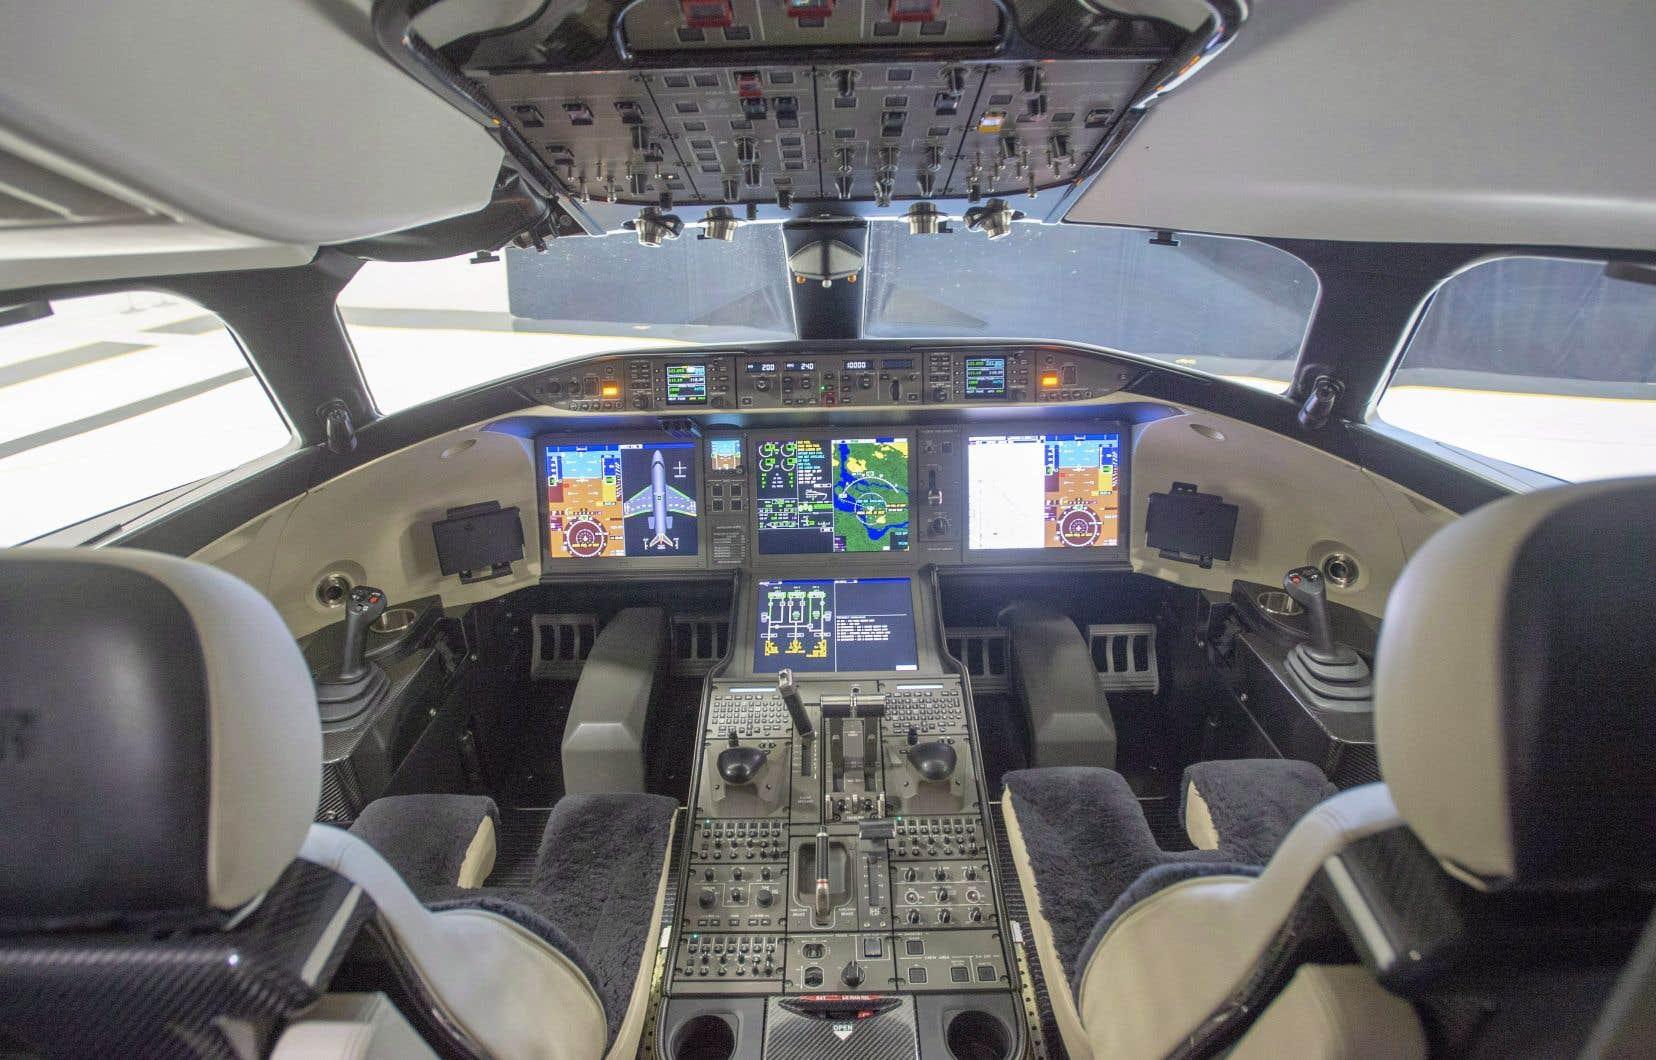 Le cockpit du Global 7500 de Bombardier. Au 31mars dernier, son carnet de commandes pour les avions d'affaires était en baisse de 6% par rapport à 2019.